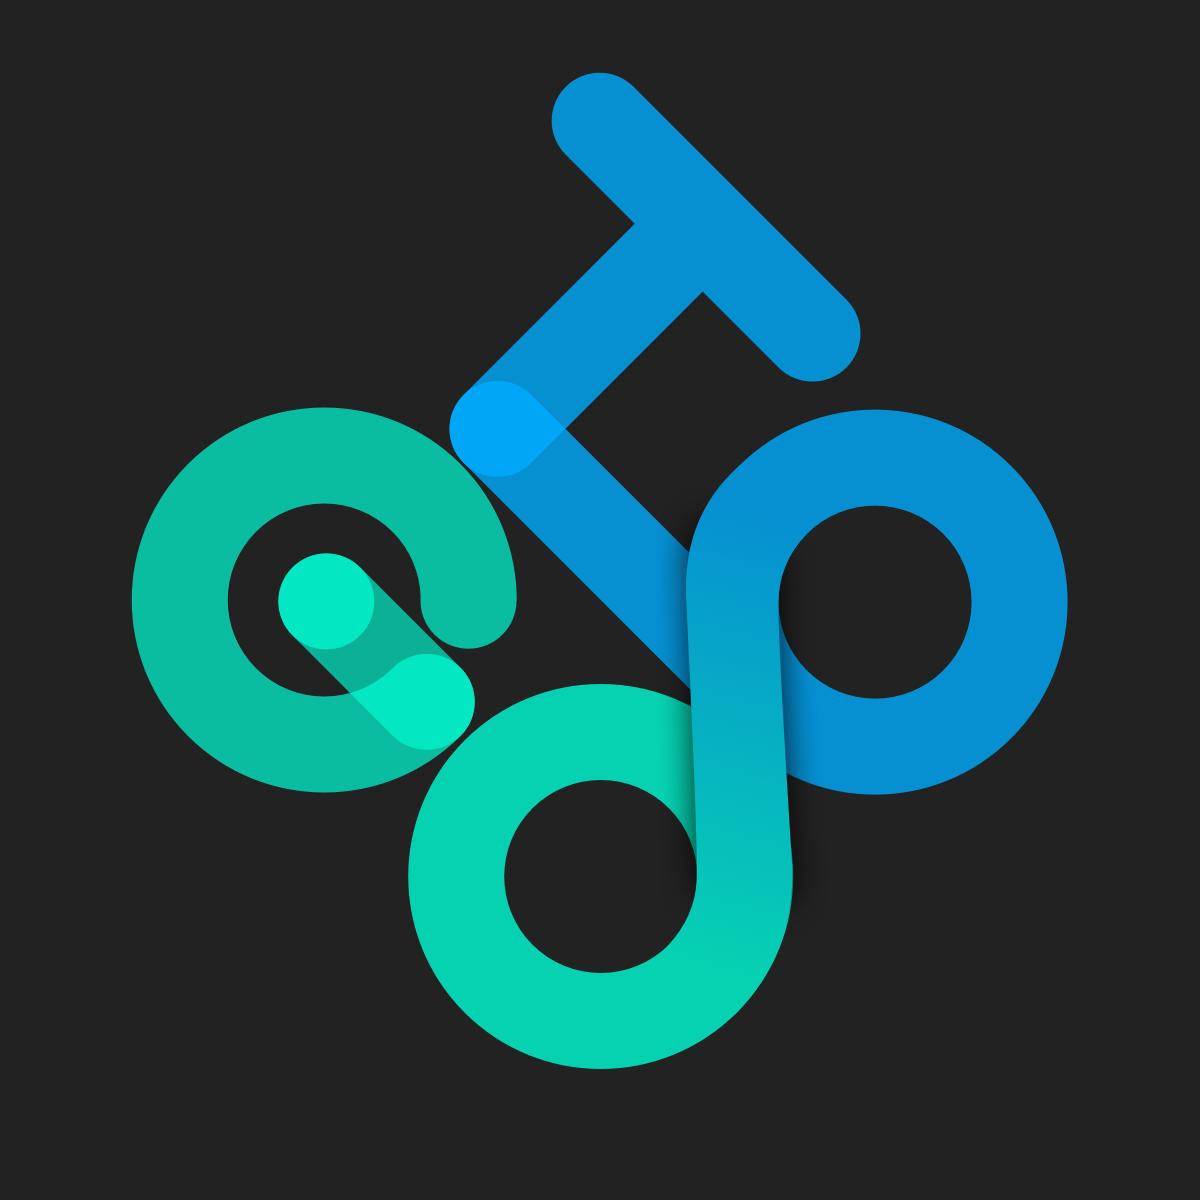 Разработать логотип и экран загрузки приложения фото f_1045a8729500eafc.png